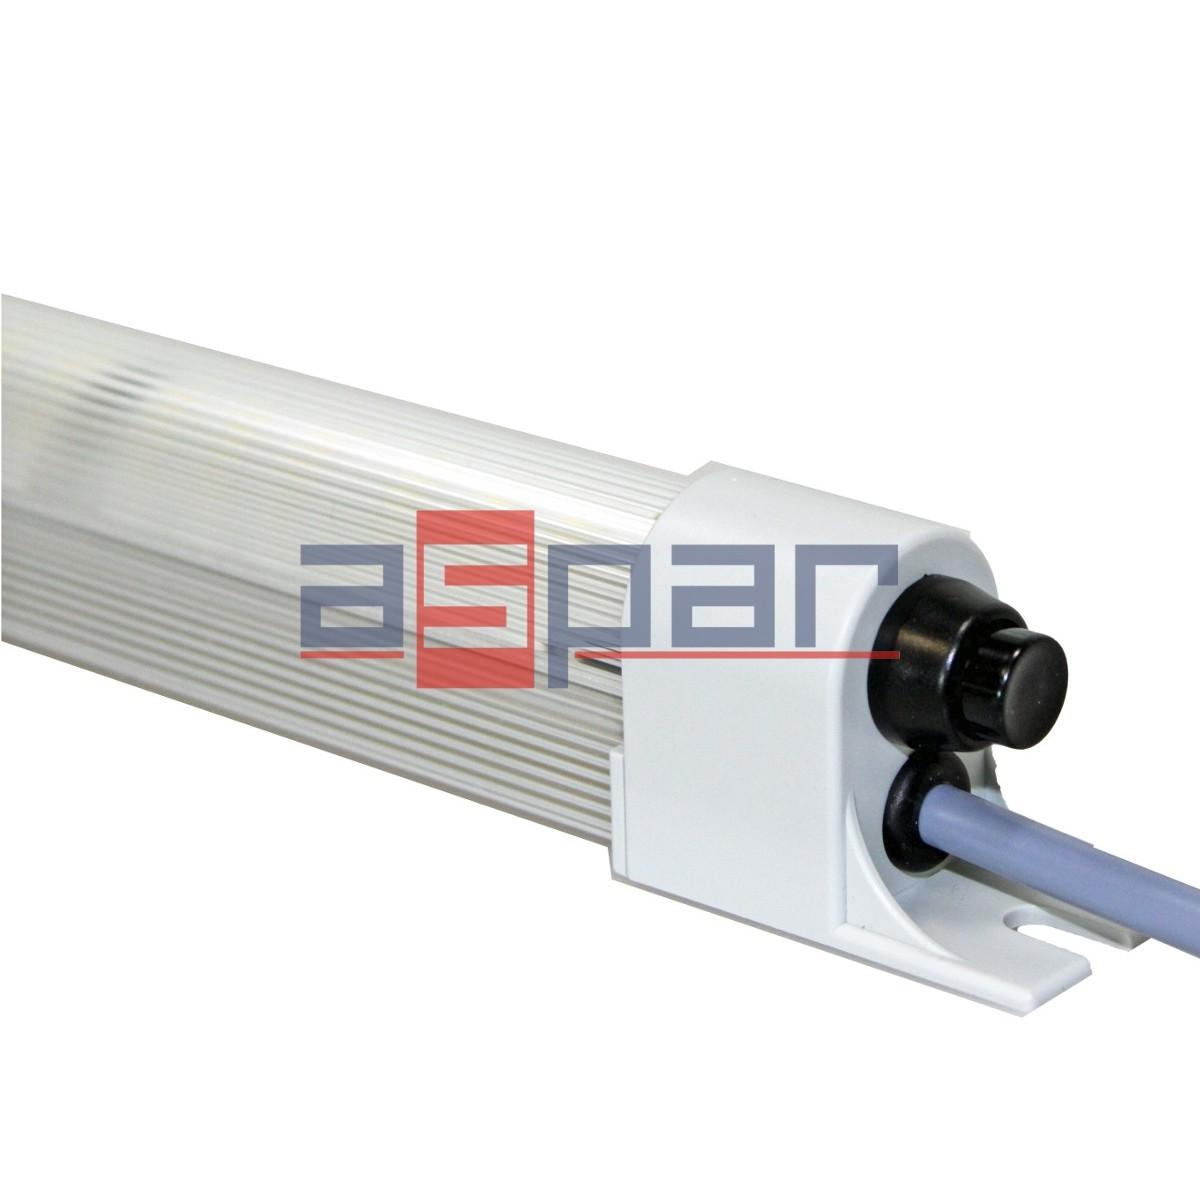 Lampa LED - LE-150-SL-024